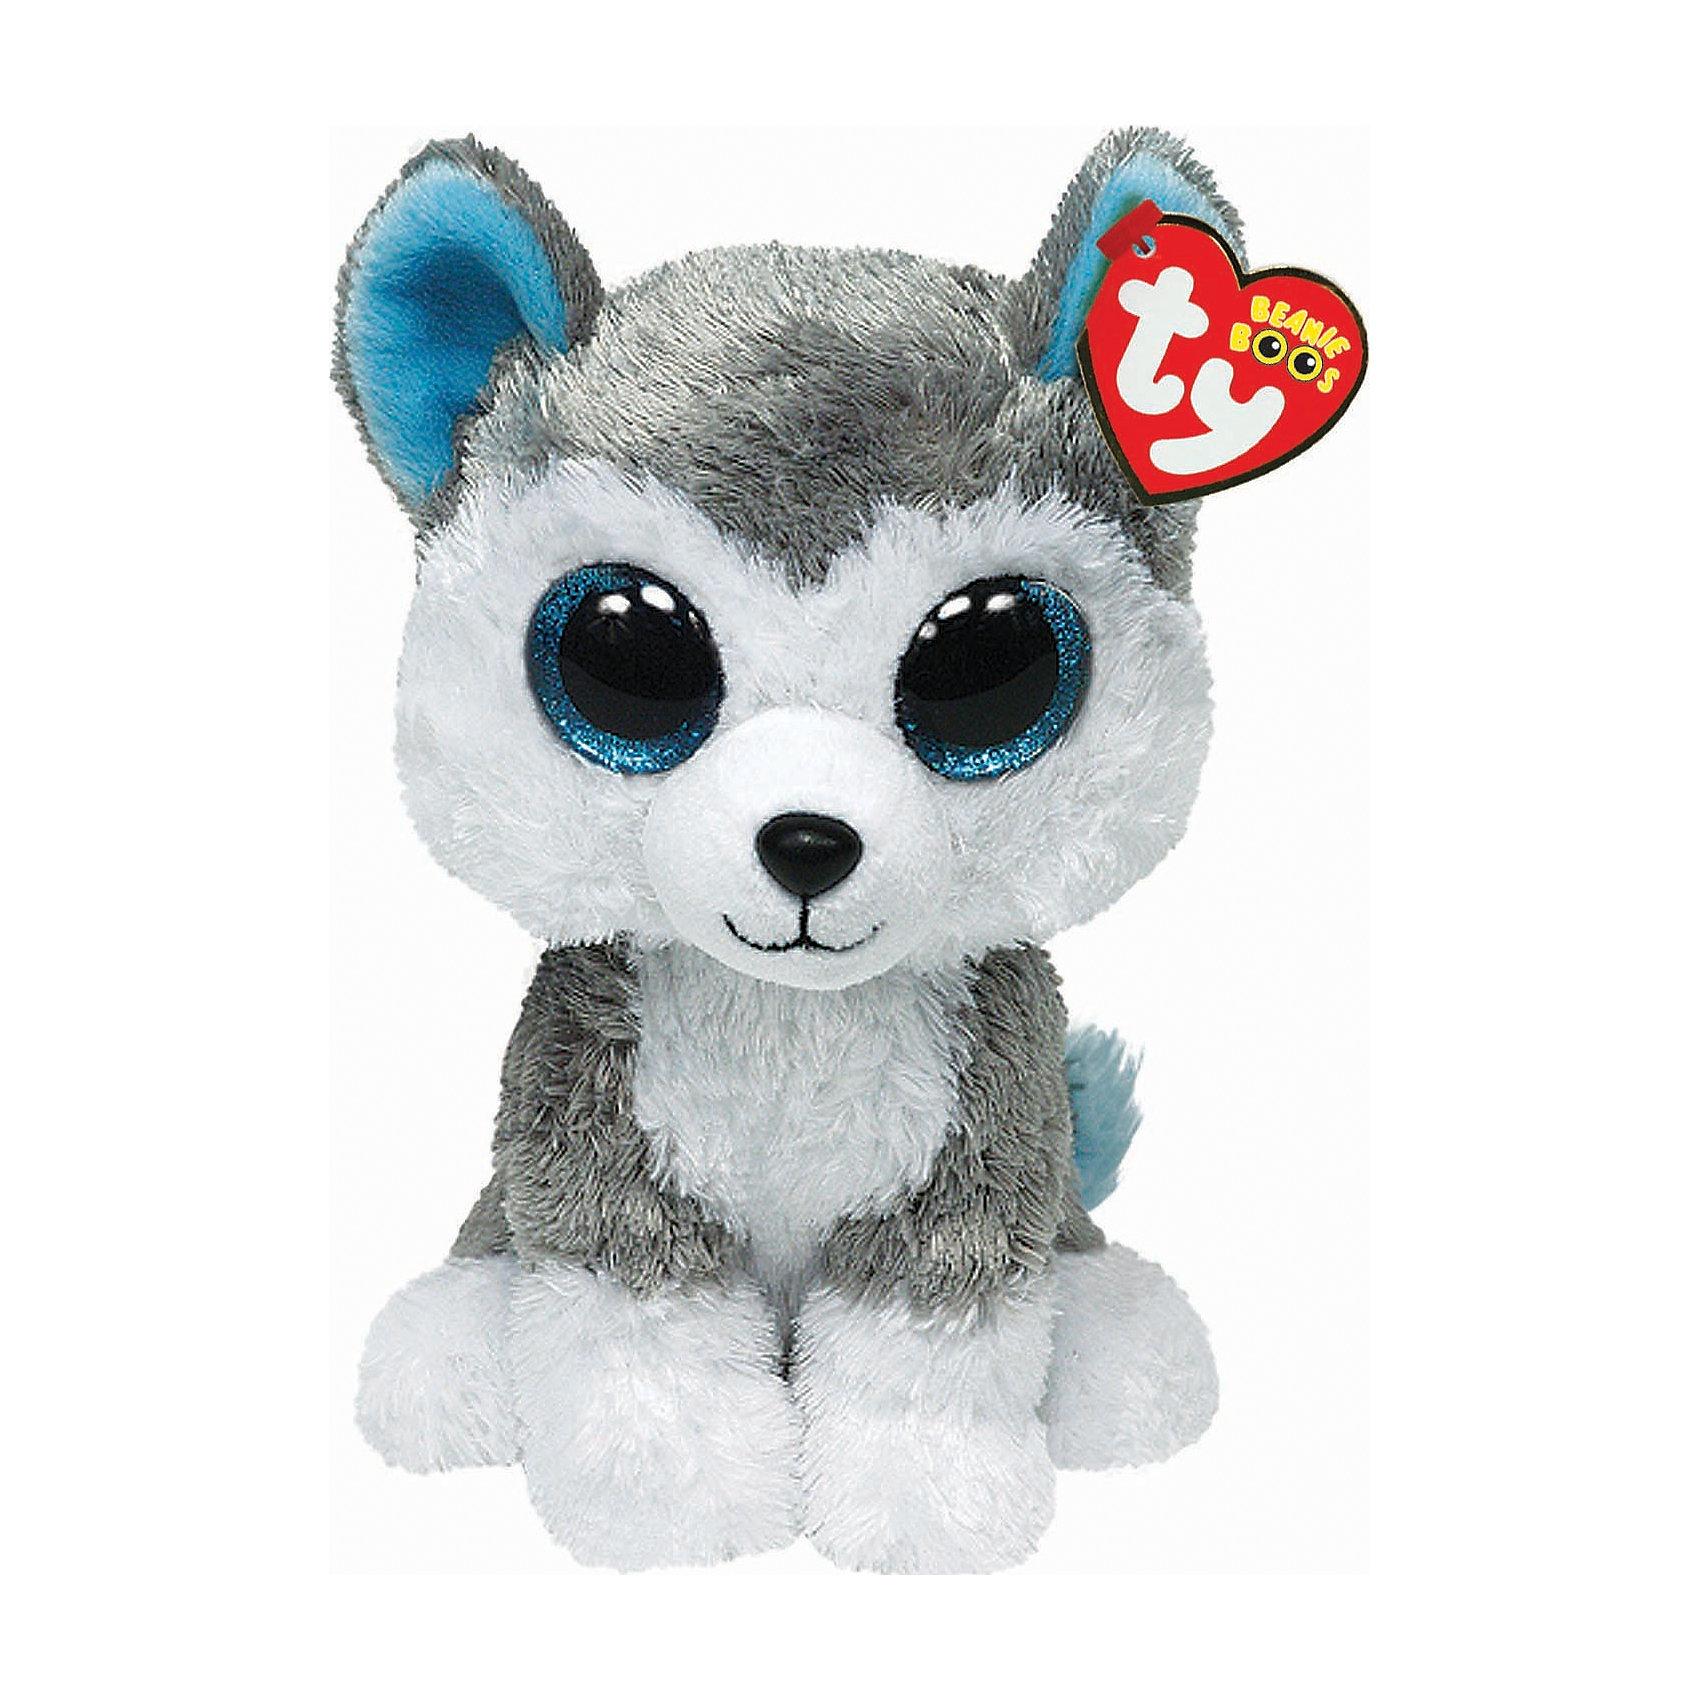 Волчонок Slush, 15 см, TyЗамечательный Волчонок Slush от Ту станет самым лучшим другом Вашему малышу. Он станет любимой игрушкой, с которой можно весело играть днем и уютно засыпать ночью. Игрушечный волчонок составит приятную компанию малышу на прогулке. Он представляет новую коллекцию мягких игрушек Beanie Boos. Особенность игрушки в том, что она понравится как мальчикам, так и девочкам. Замечательный Волчонок Slush с невероятно добрыми искренними глазками еще никого не оставлял равнодушным! У волчонка мягкая серая шерстка и смешные ушки. Ребенок может разыгрывать любые сюжеты с забавным другом, благодаря чему у него будет развиваться фантазия, воображение, а также навыки сюжетно-ролевой игры. Заботясь о маленьком друге малыш научится бережному отношению к своим вещам, игрушкам и животным. Рассказав ребенку о волчатах и их жизни в лесу, Вы расширите представления малыша об окружающем мире!<br><br>Дополнительная информация:<br><br>- Игрушка развивает: тактильные навыки, зрительную координацию, мелкую моторику рук;<br>- Материалы не вызовут аллергии у Вашего малыша;<br>- Яркие и стойкие цвета приятны для глаз;<br>- Материал: ткань, пластик, искусственный мех;<br>- Наполнение: синтепон;<br>- Высота игрушки: 15,24 см<br><br>Волчонка Slush, Ty, можно купить в нашем интернет-магазине.<br><br>Ширина мм: 145<br>Глубина мм: 93<br>Высота мм: 78<br>Вес г: 78<br>Возраст от месяцев: 12<br>Возраст до месяцев: 60<br>Пол: Унисекс<br>Возраст: Детский<br>SKU: 2495070